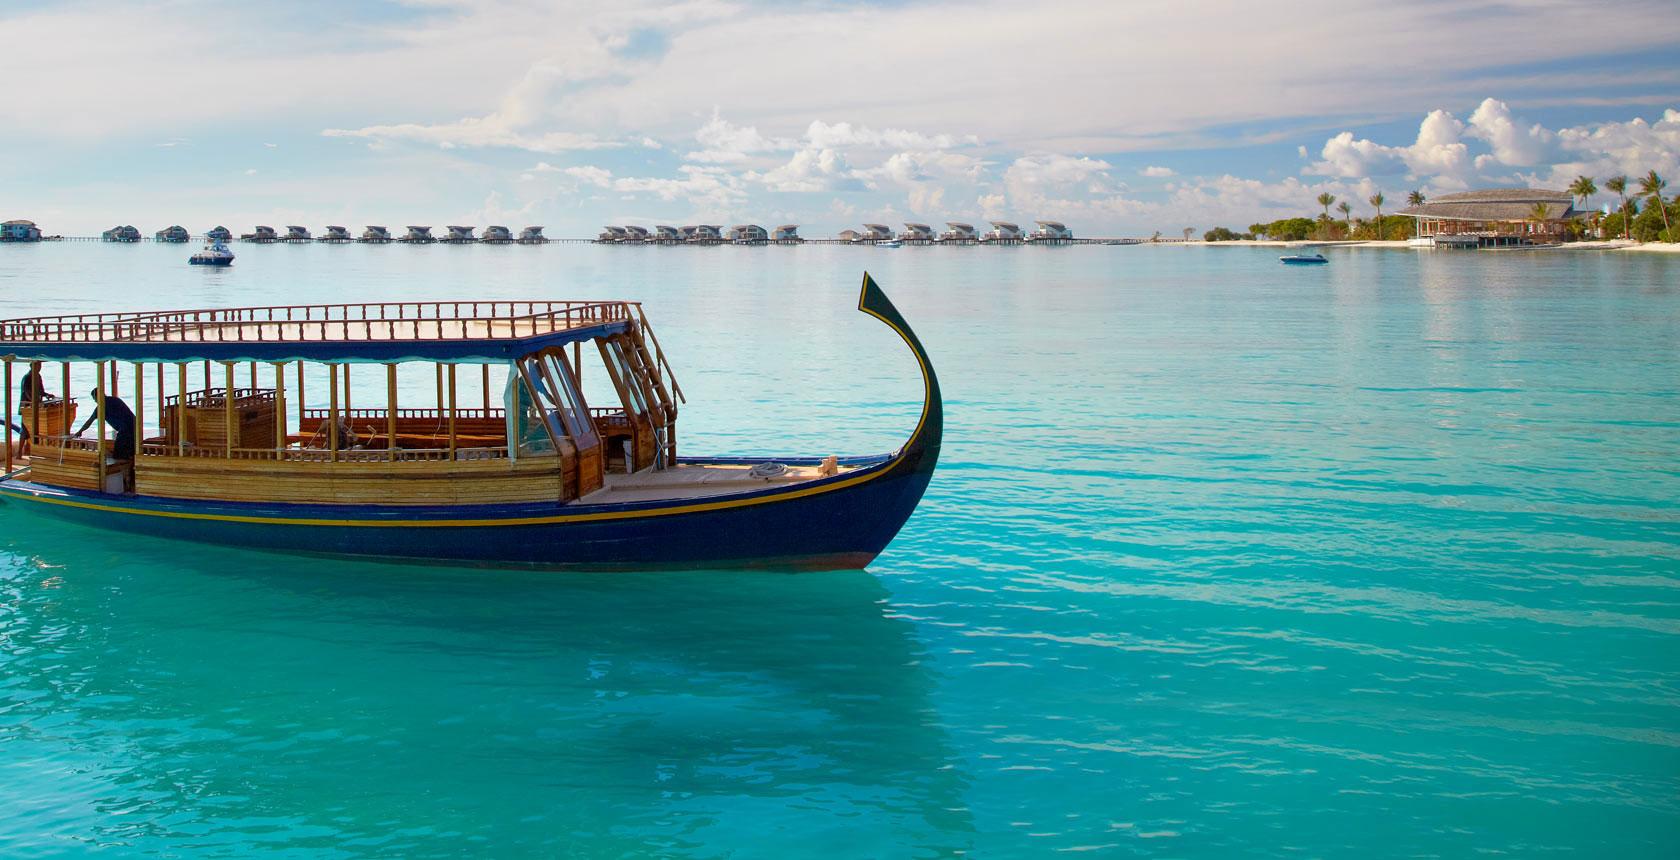 Viceroy-Hotel-Sand-Resort-12